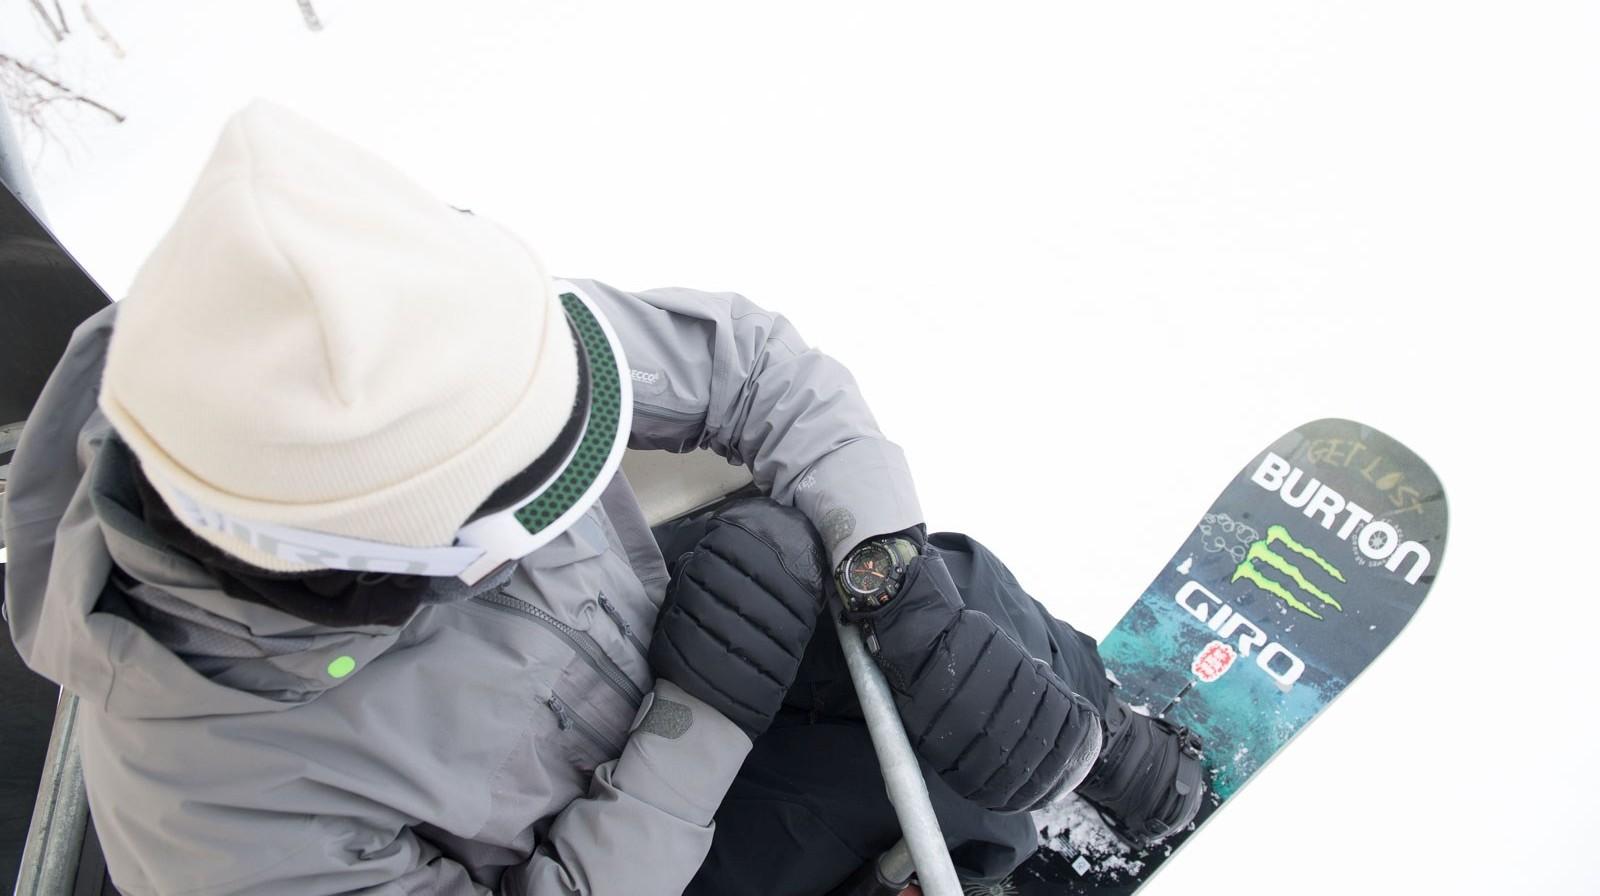 G-SHOCK三度攜手美國知名雪板創始品牌 BURTON,推出極地機能聯名錶款GG-1000BTN